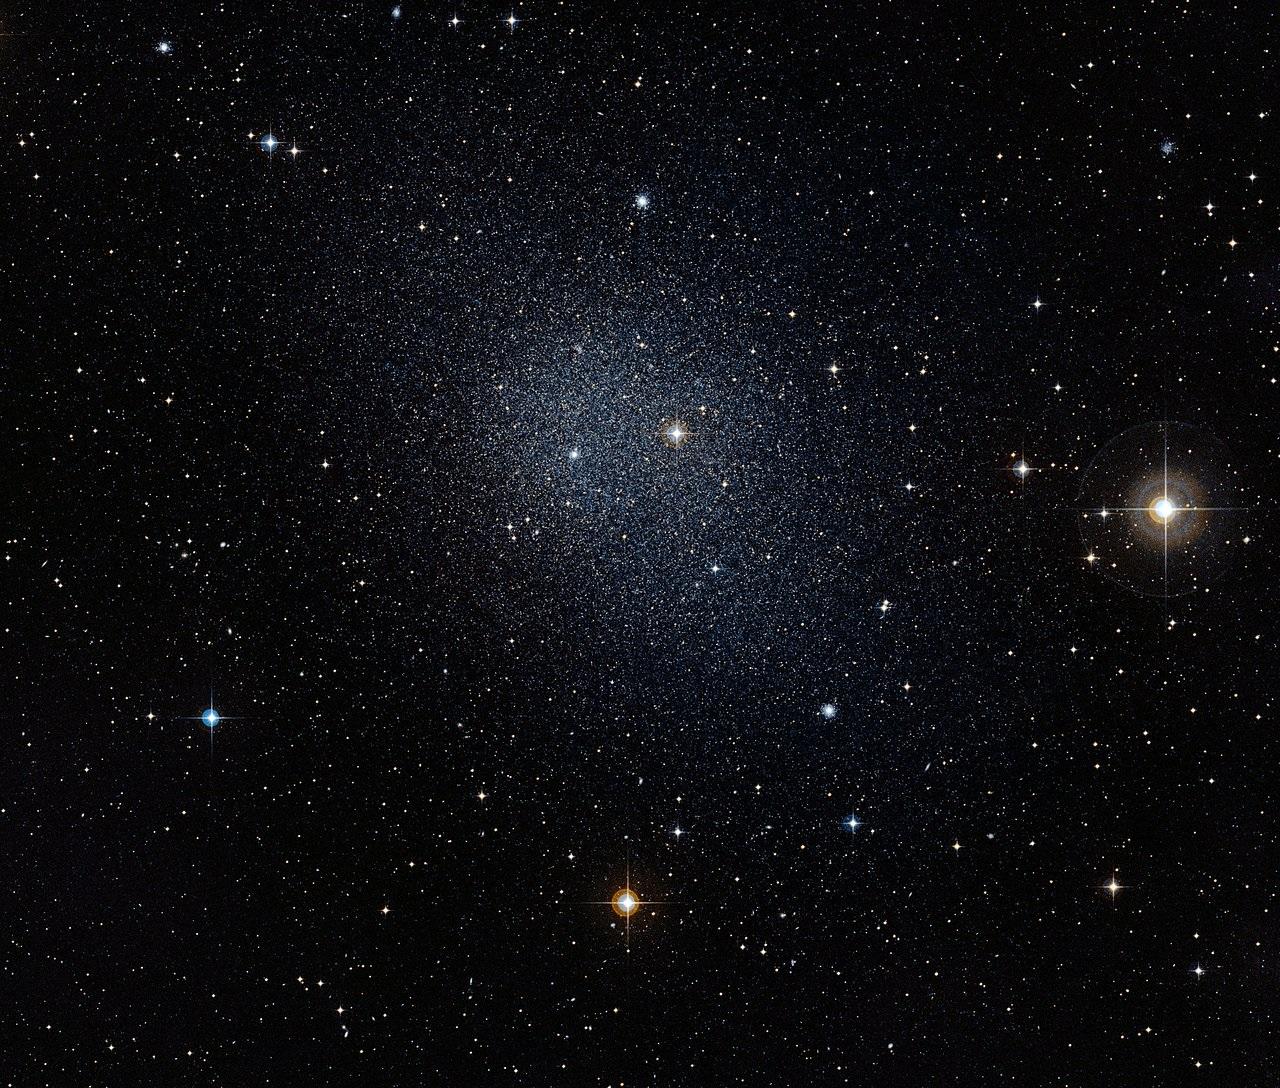 ირმის ნახტომს გარს უვლის უცნაური, ციცქნა გალაქტიკა, რომელიც არავინ იცის, საიდან მოვიდა